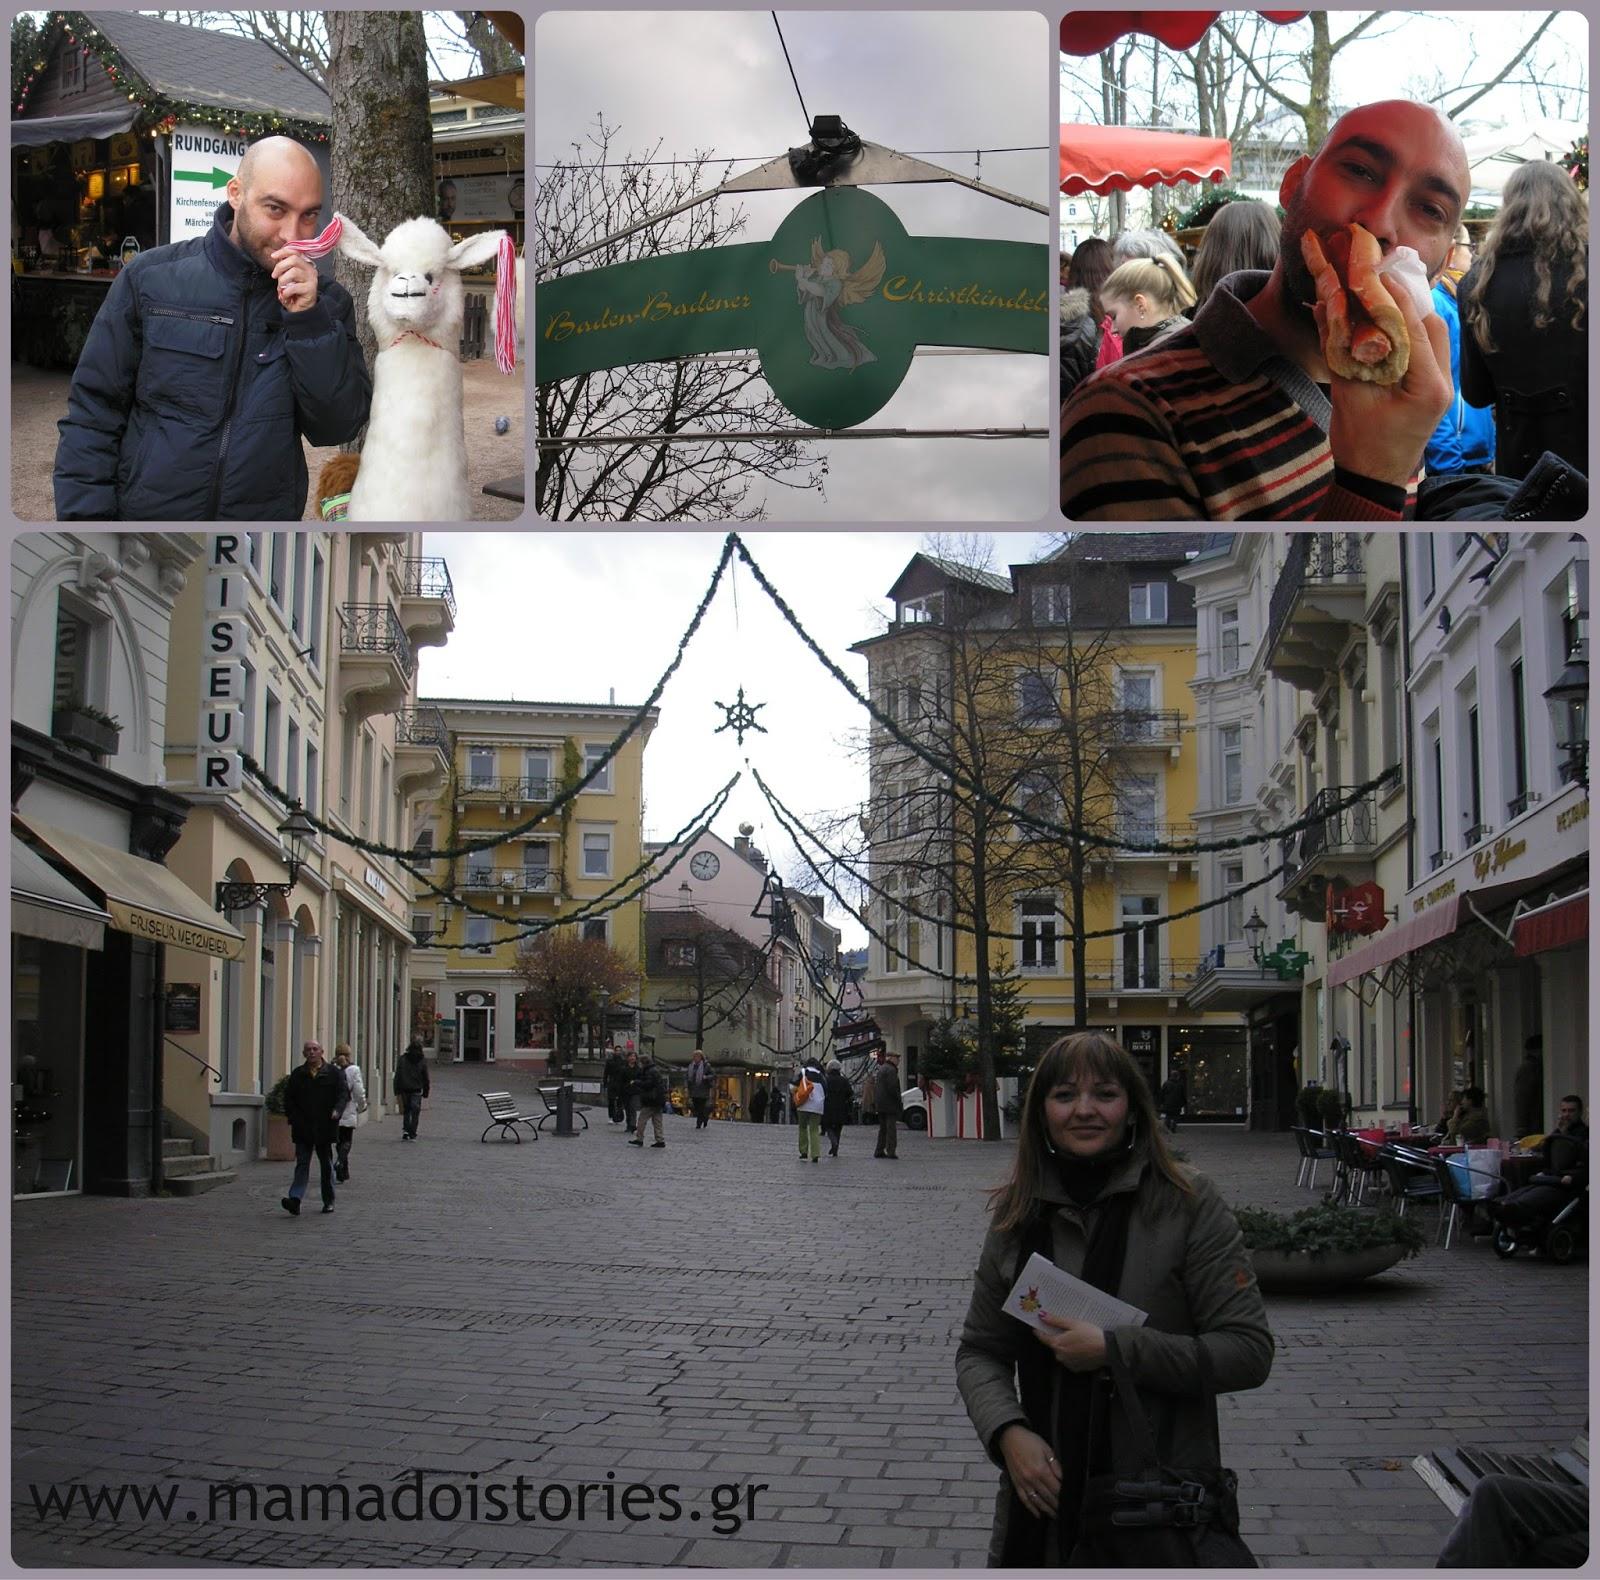 Χριστουγεννιάτικη εκδρομή... Όνειρο!!! Χαϊδελβέργη / Στρασβούργο / Μπάτεν-Μπάτεν / Χωριά Αλσατίας (Ribauvillé - Riquewihr - Colmar)